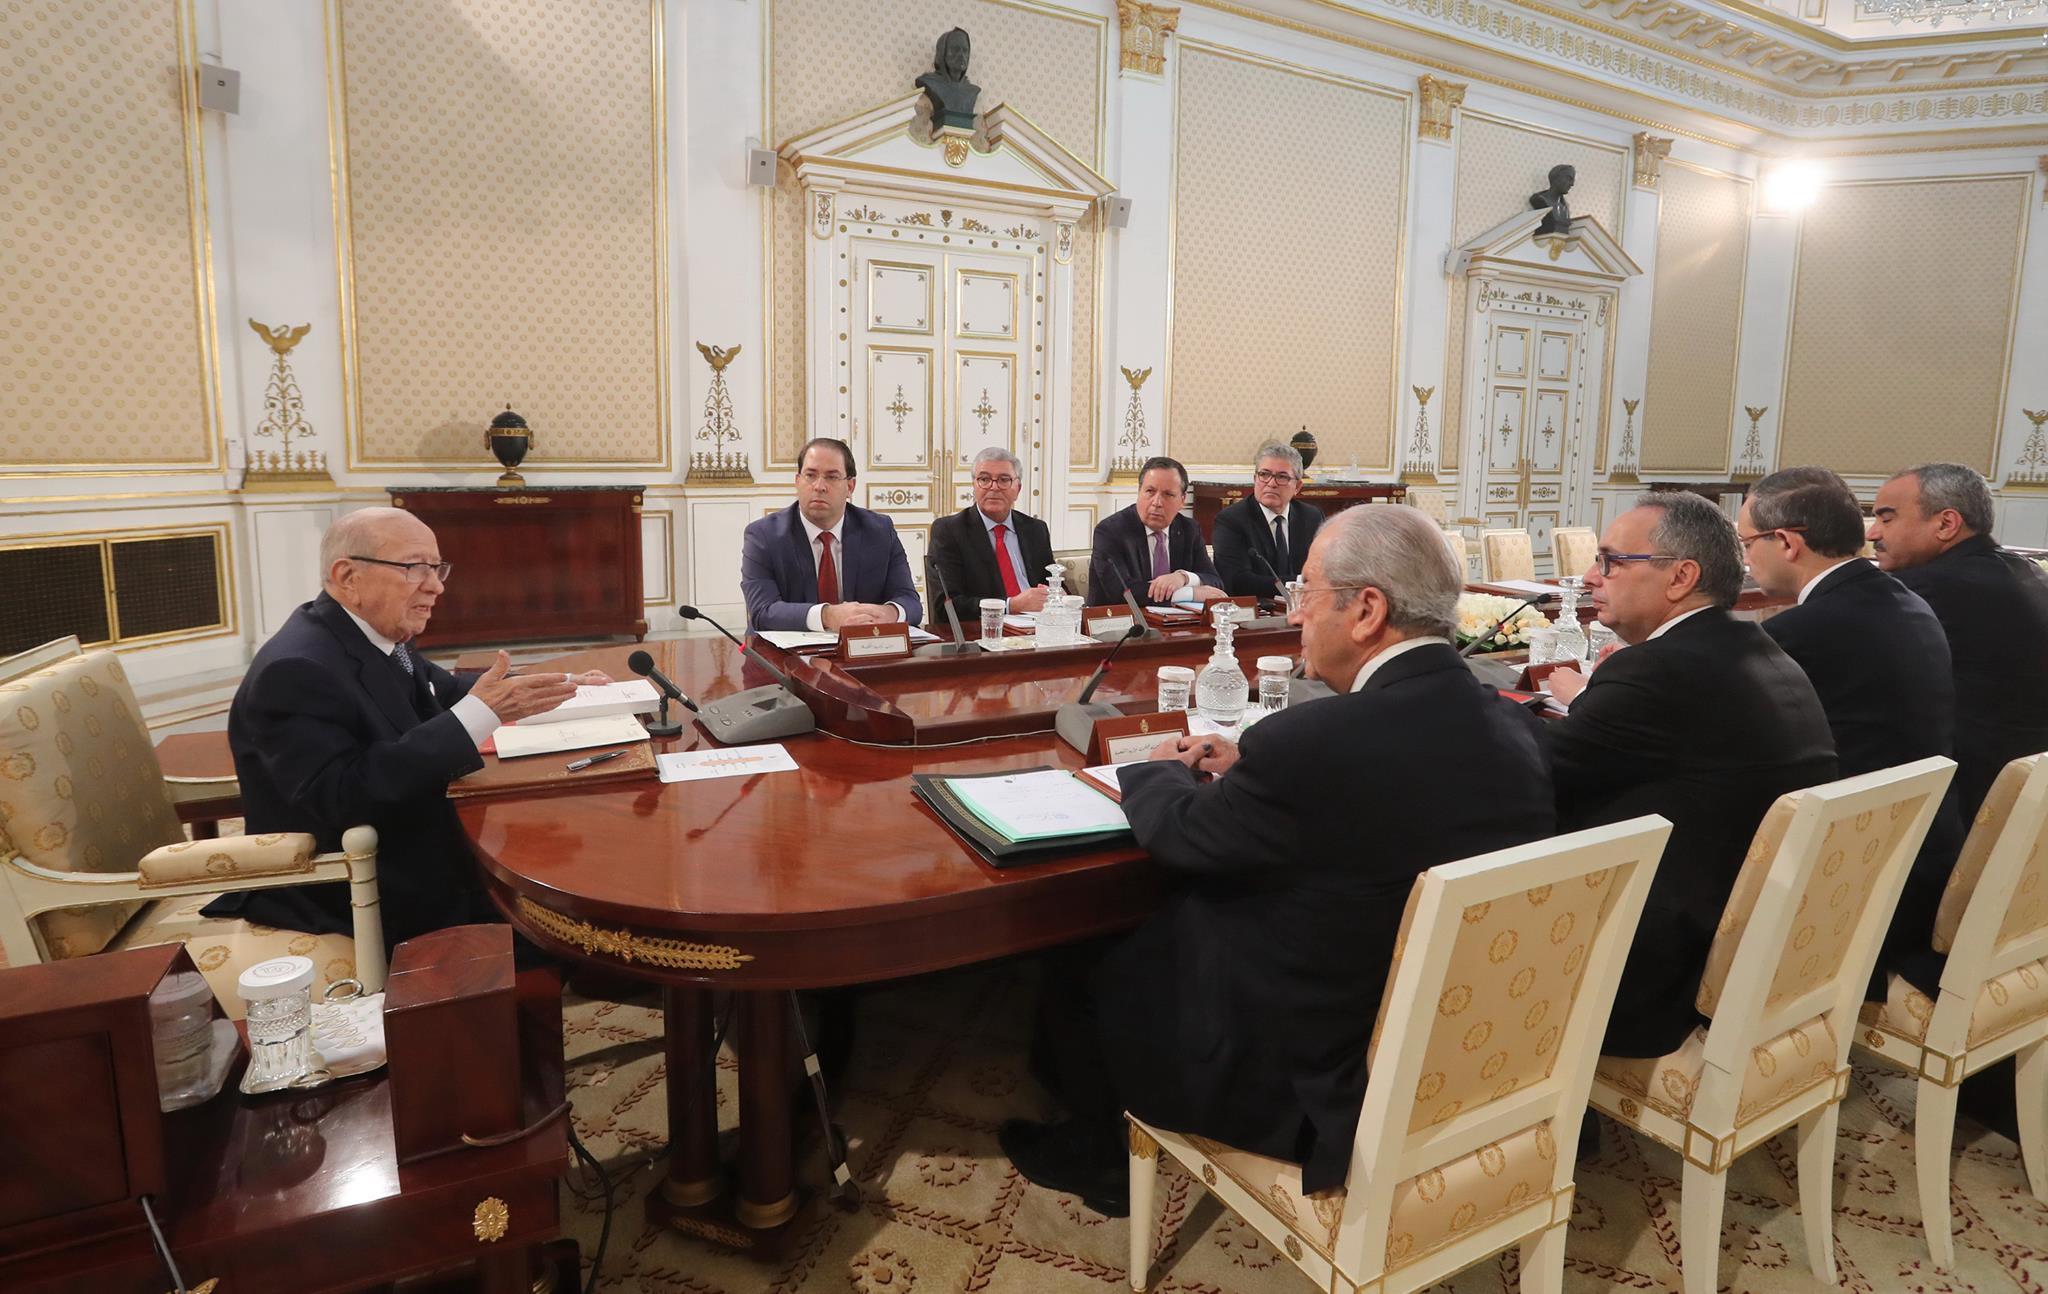 مجلس الأمن القومي يُقرّر تسريع النظر في مشروع قانون تنظيم حالة الطوارئ